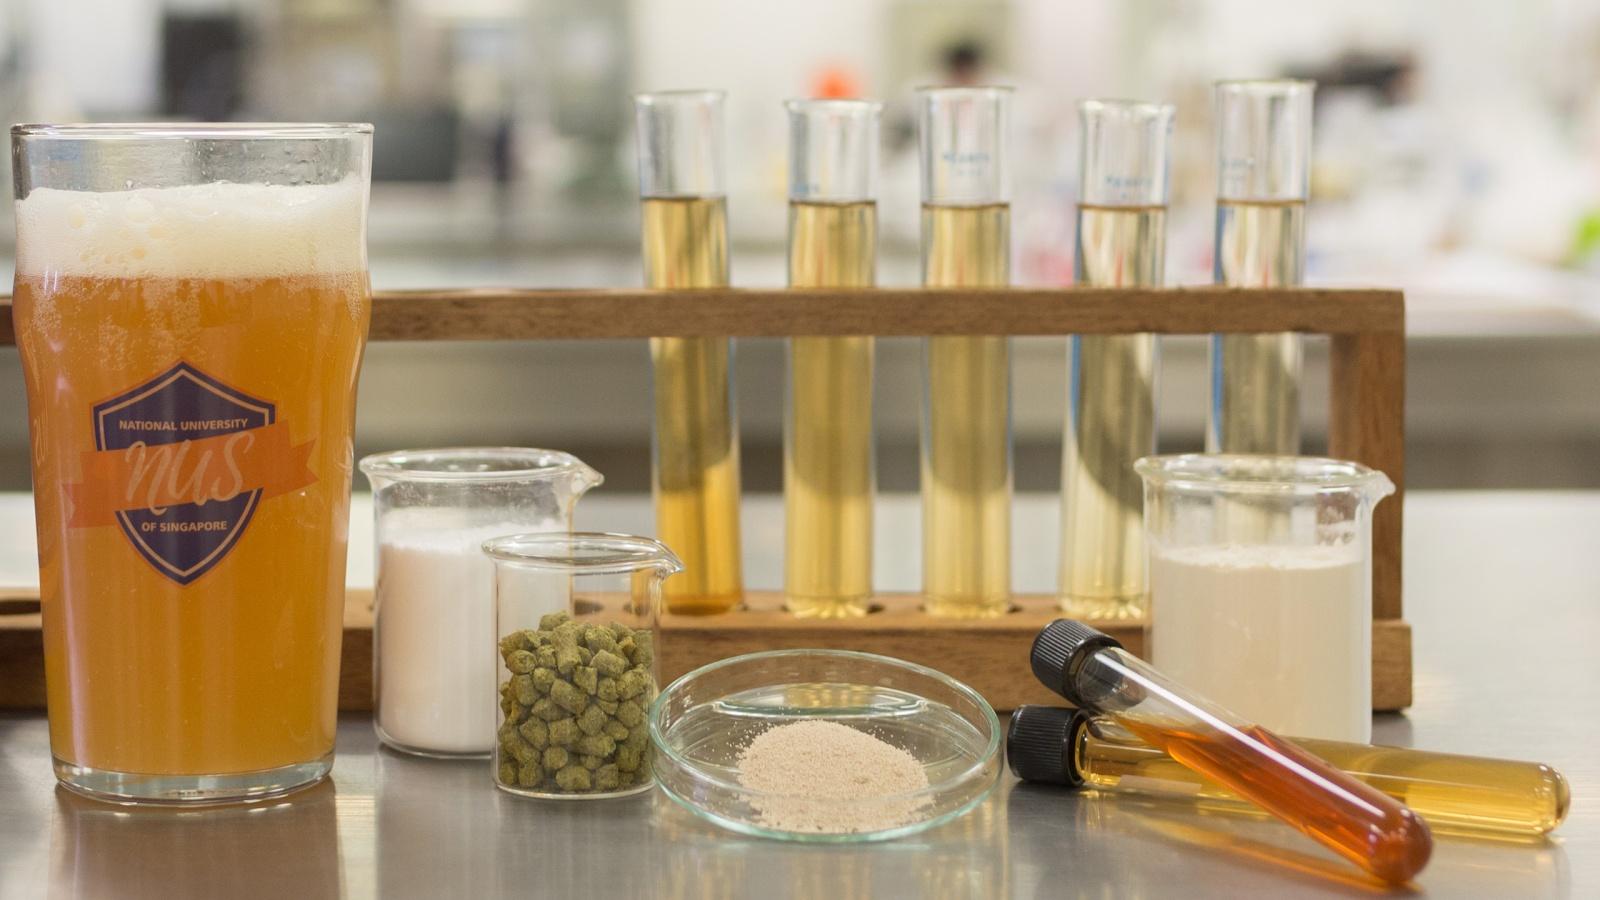 Учёные создали пиво с полезными кишечными бактериями - 1